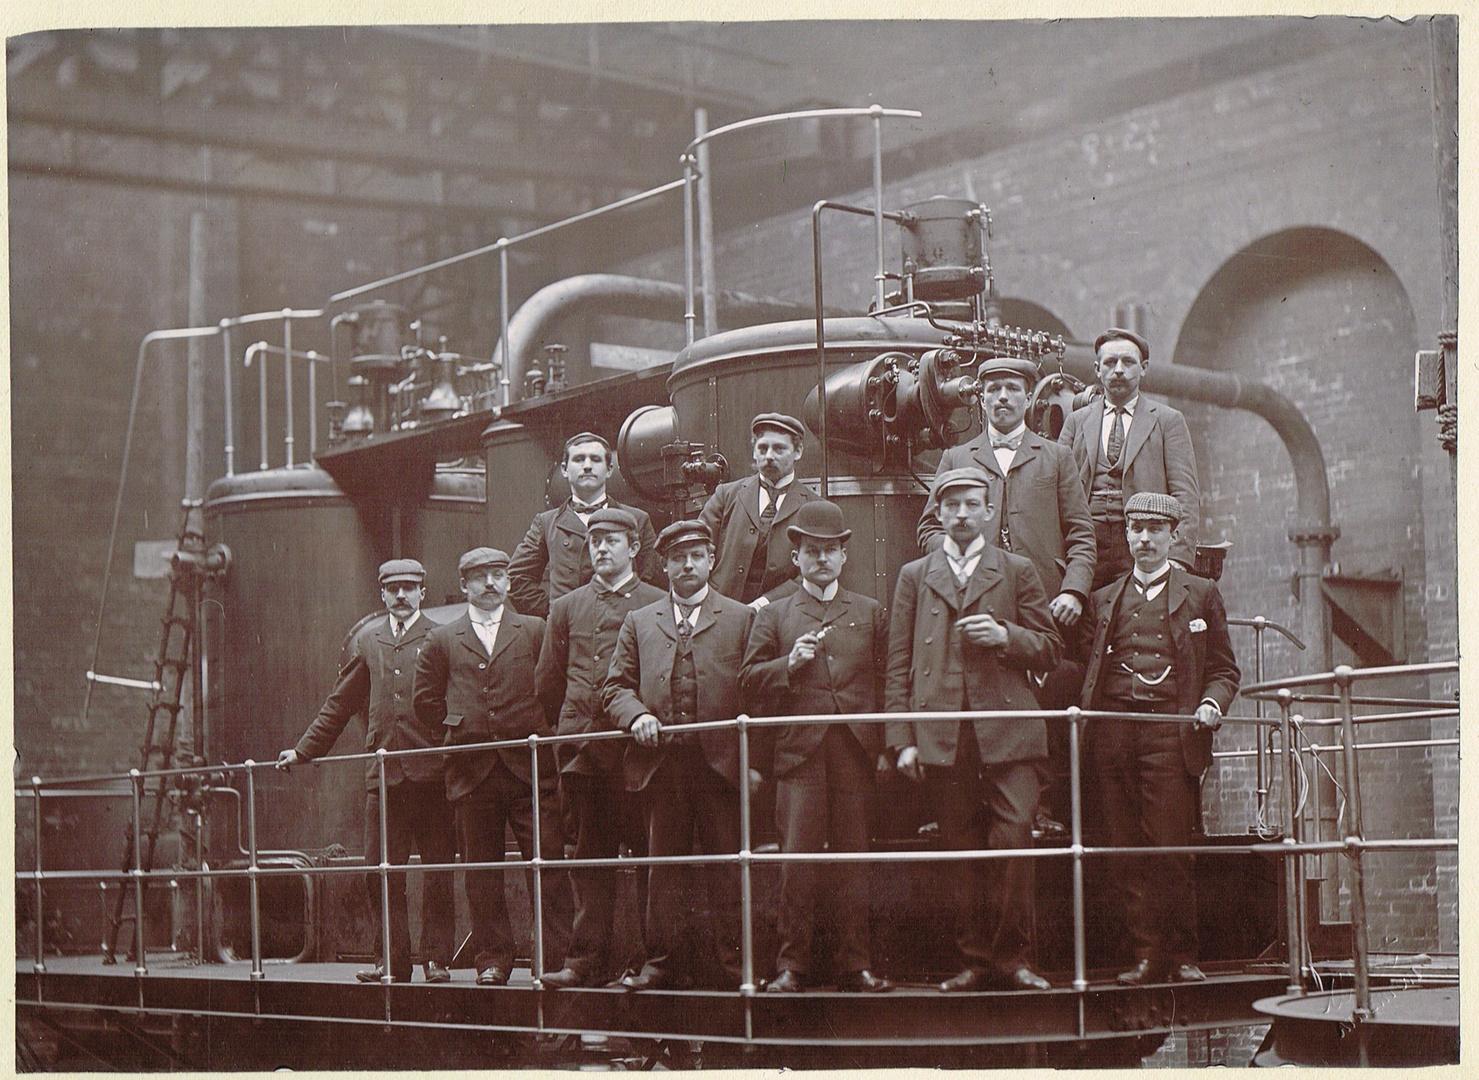 Dampfmaschine der Firma MAN